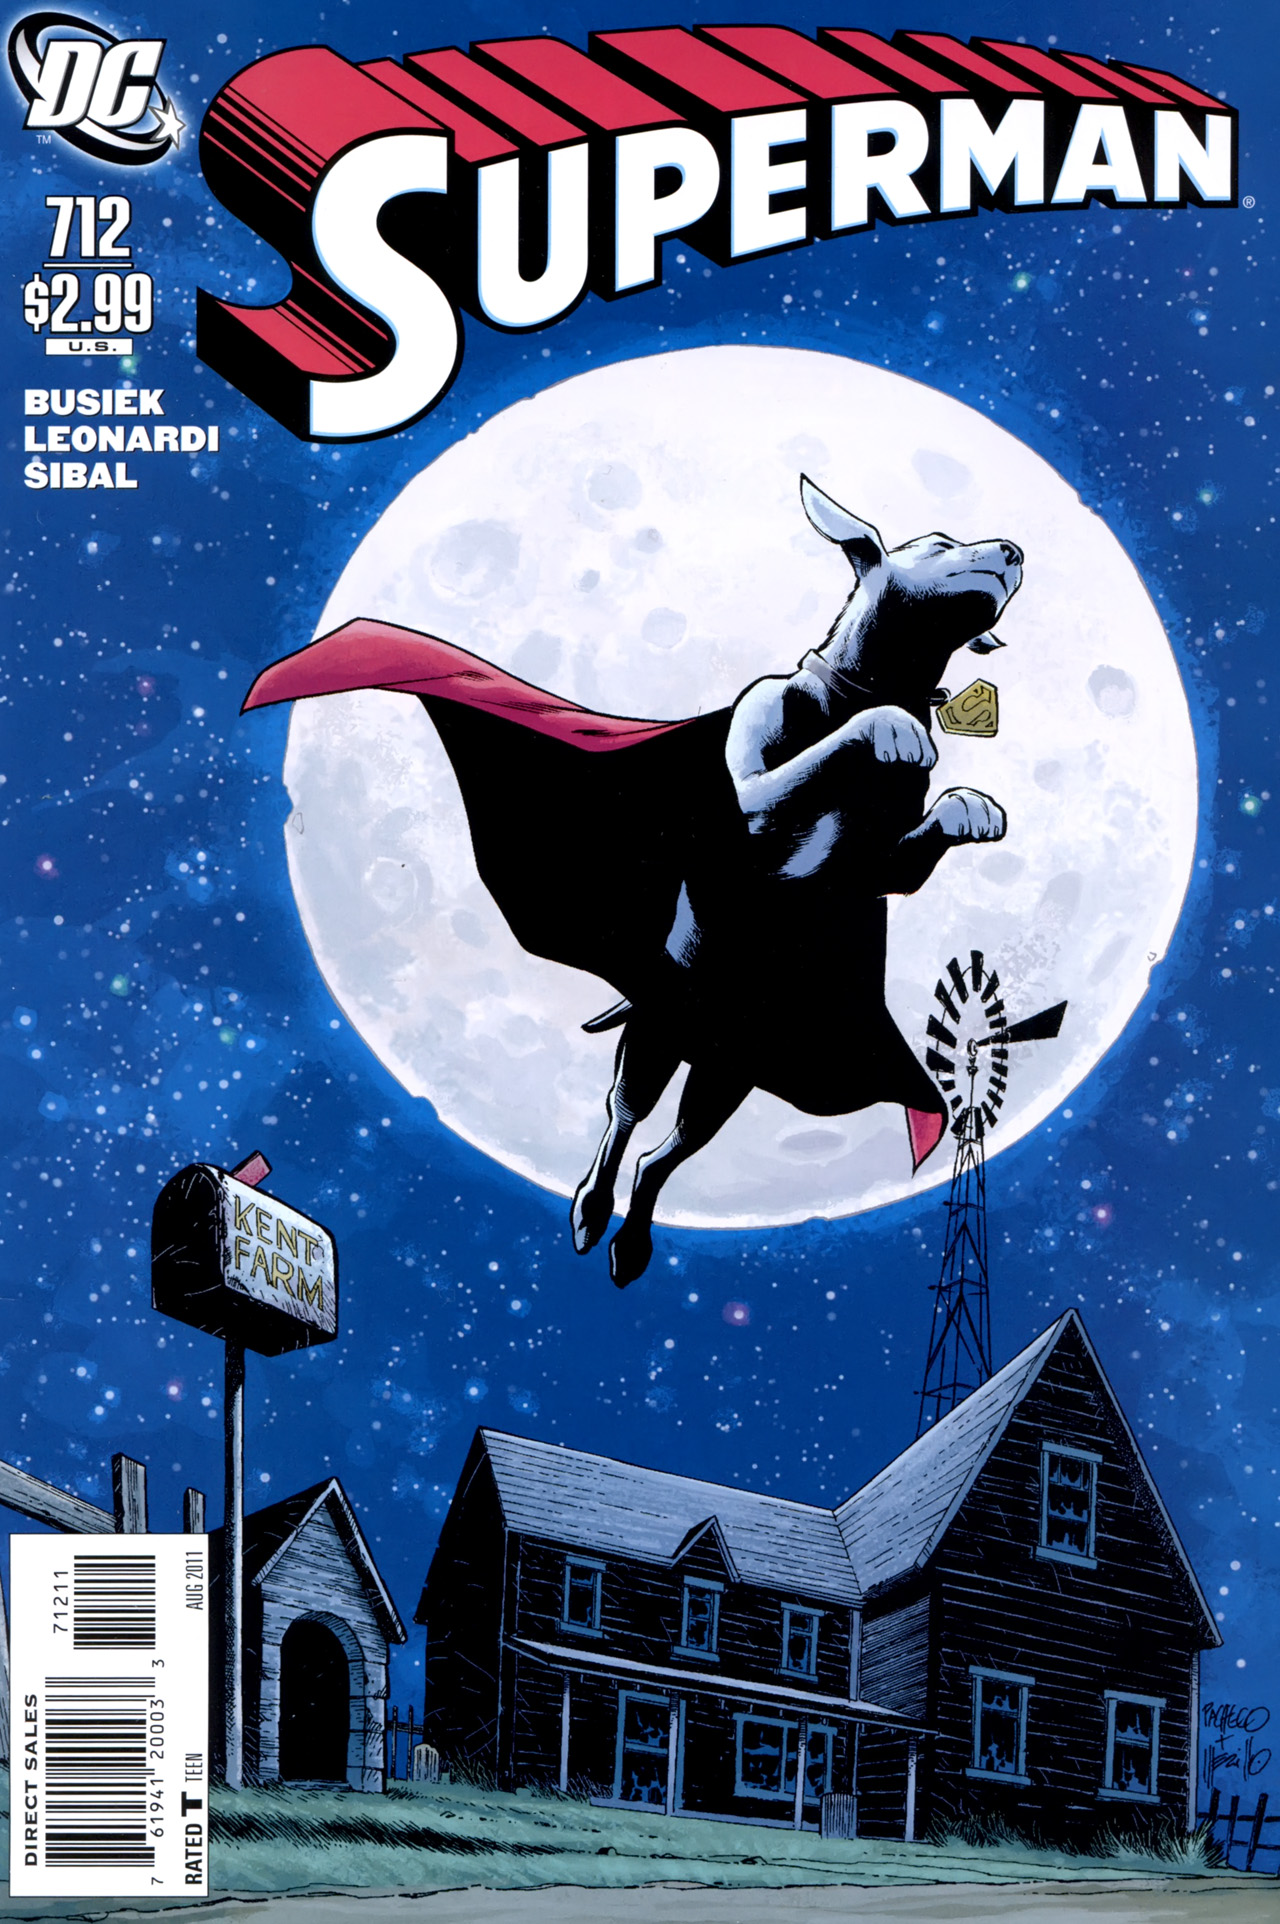 Superman Vol 1 712